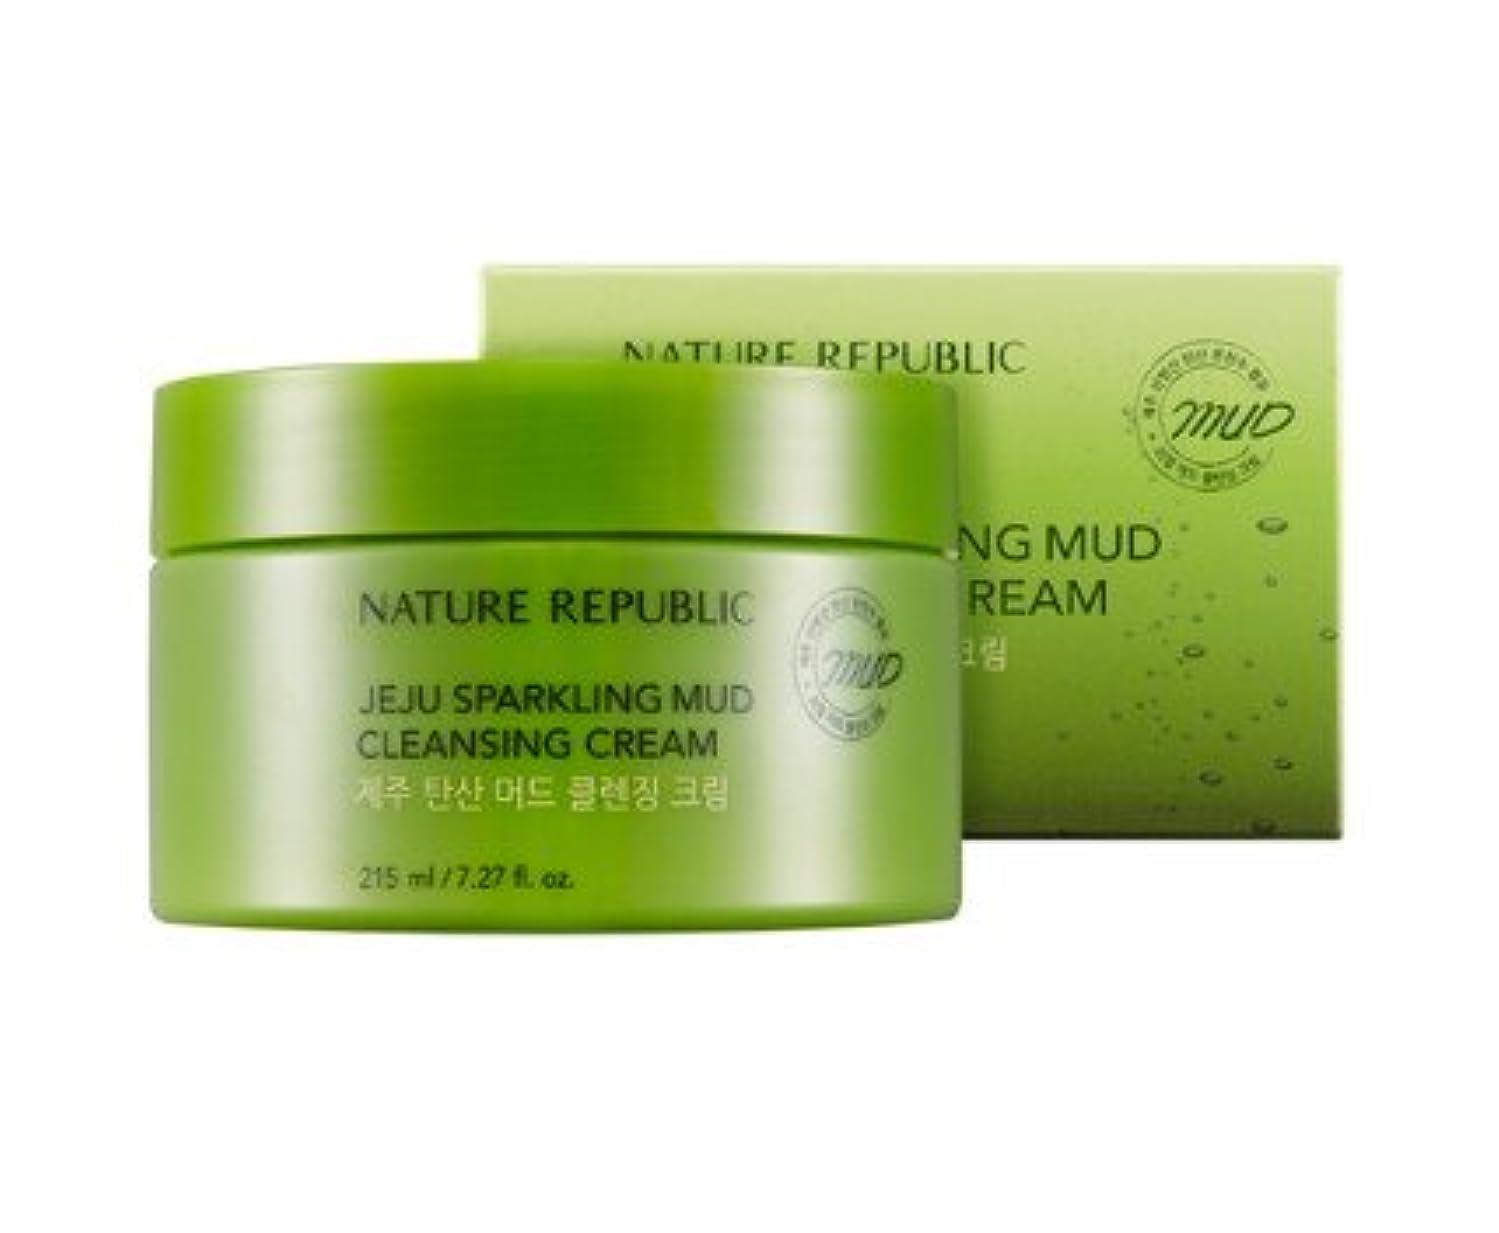 濃度膨張する濃度Nature republic Jeju Sparkling Mud Cleansing Cream ネイチャーリパブリック チェジュ炭酸マッド クレンジングクリーム 215ML [並行輸入品]